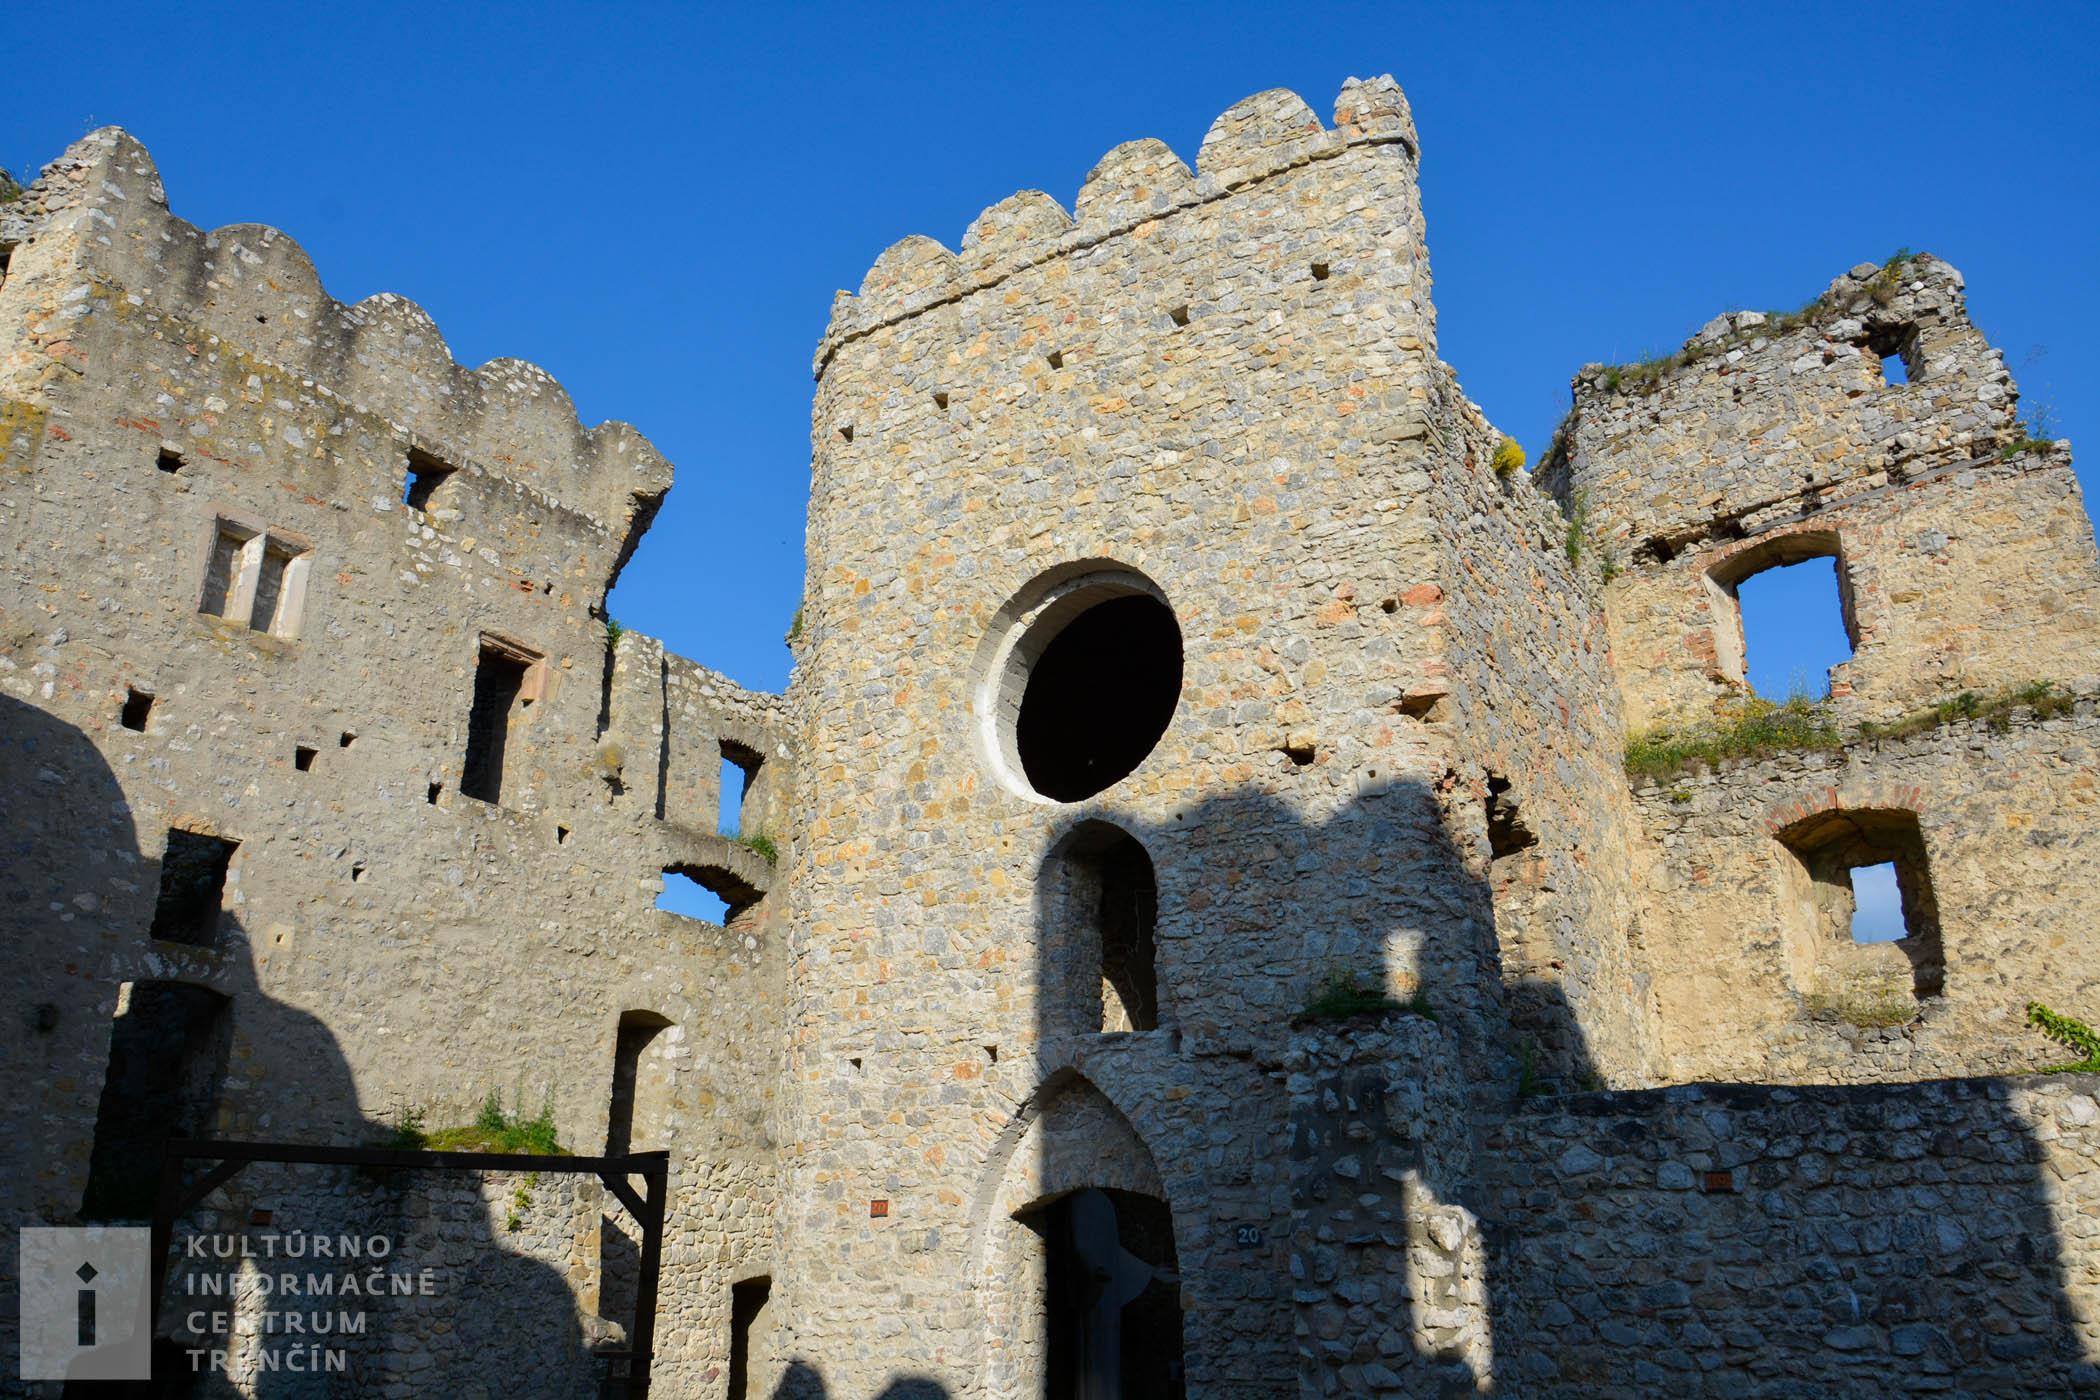 Kaplnka na hrade Beckov